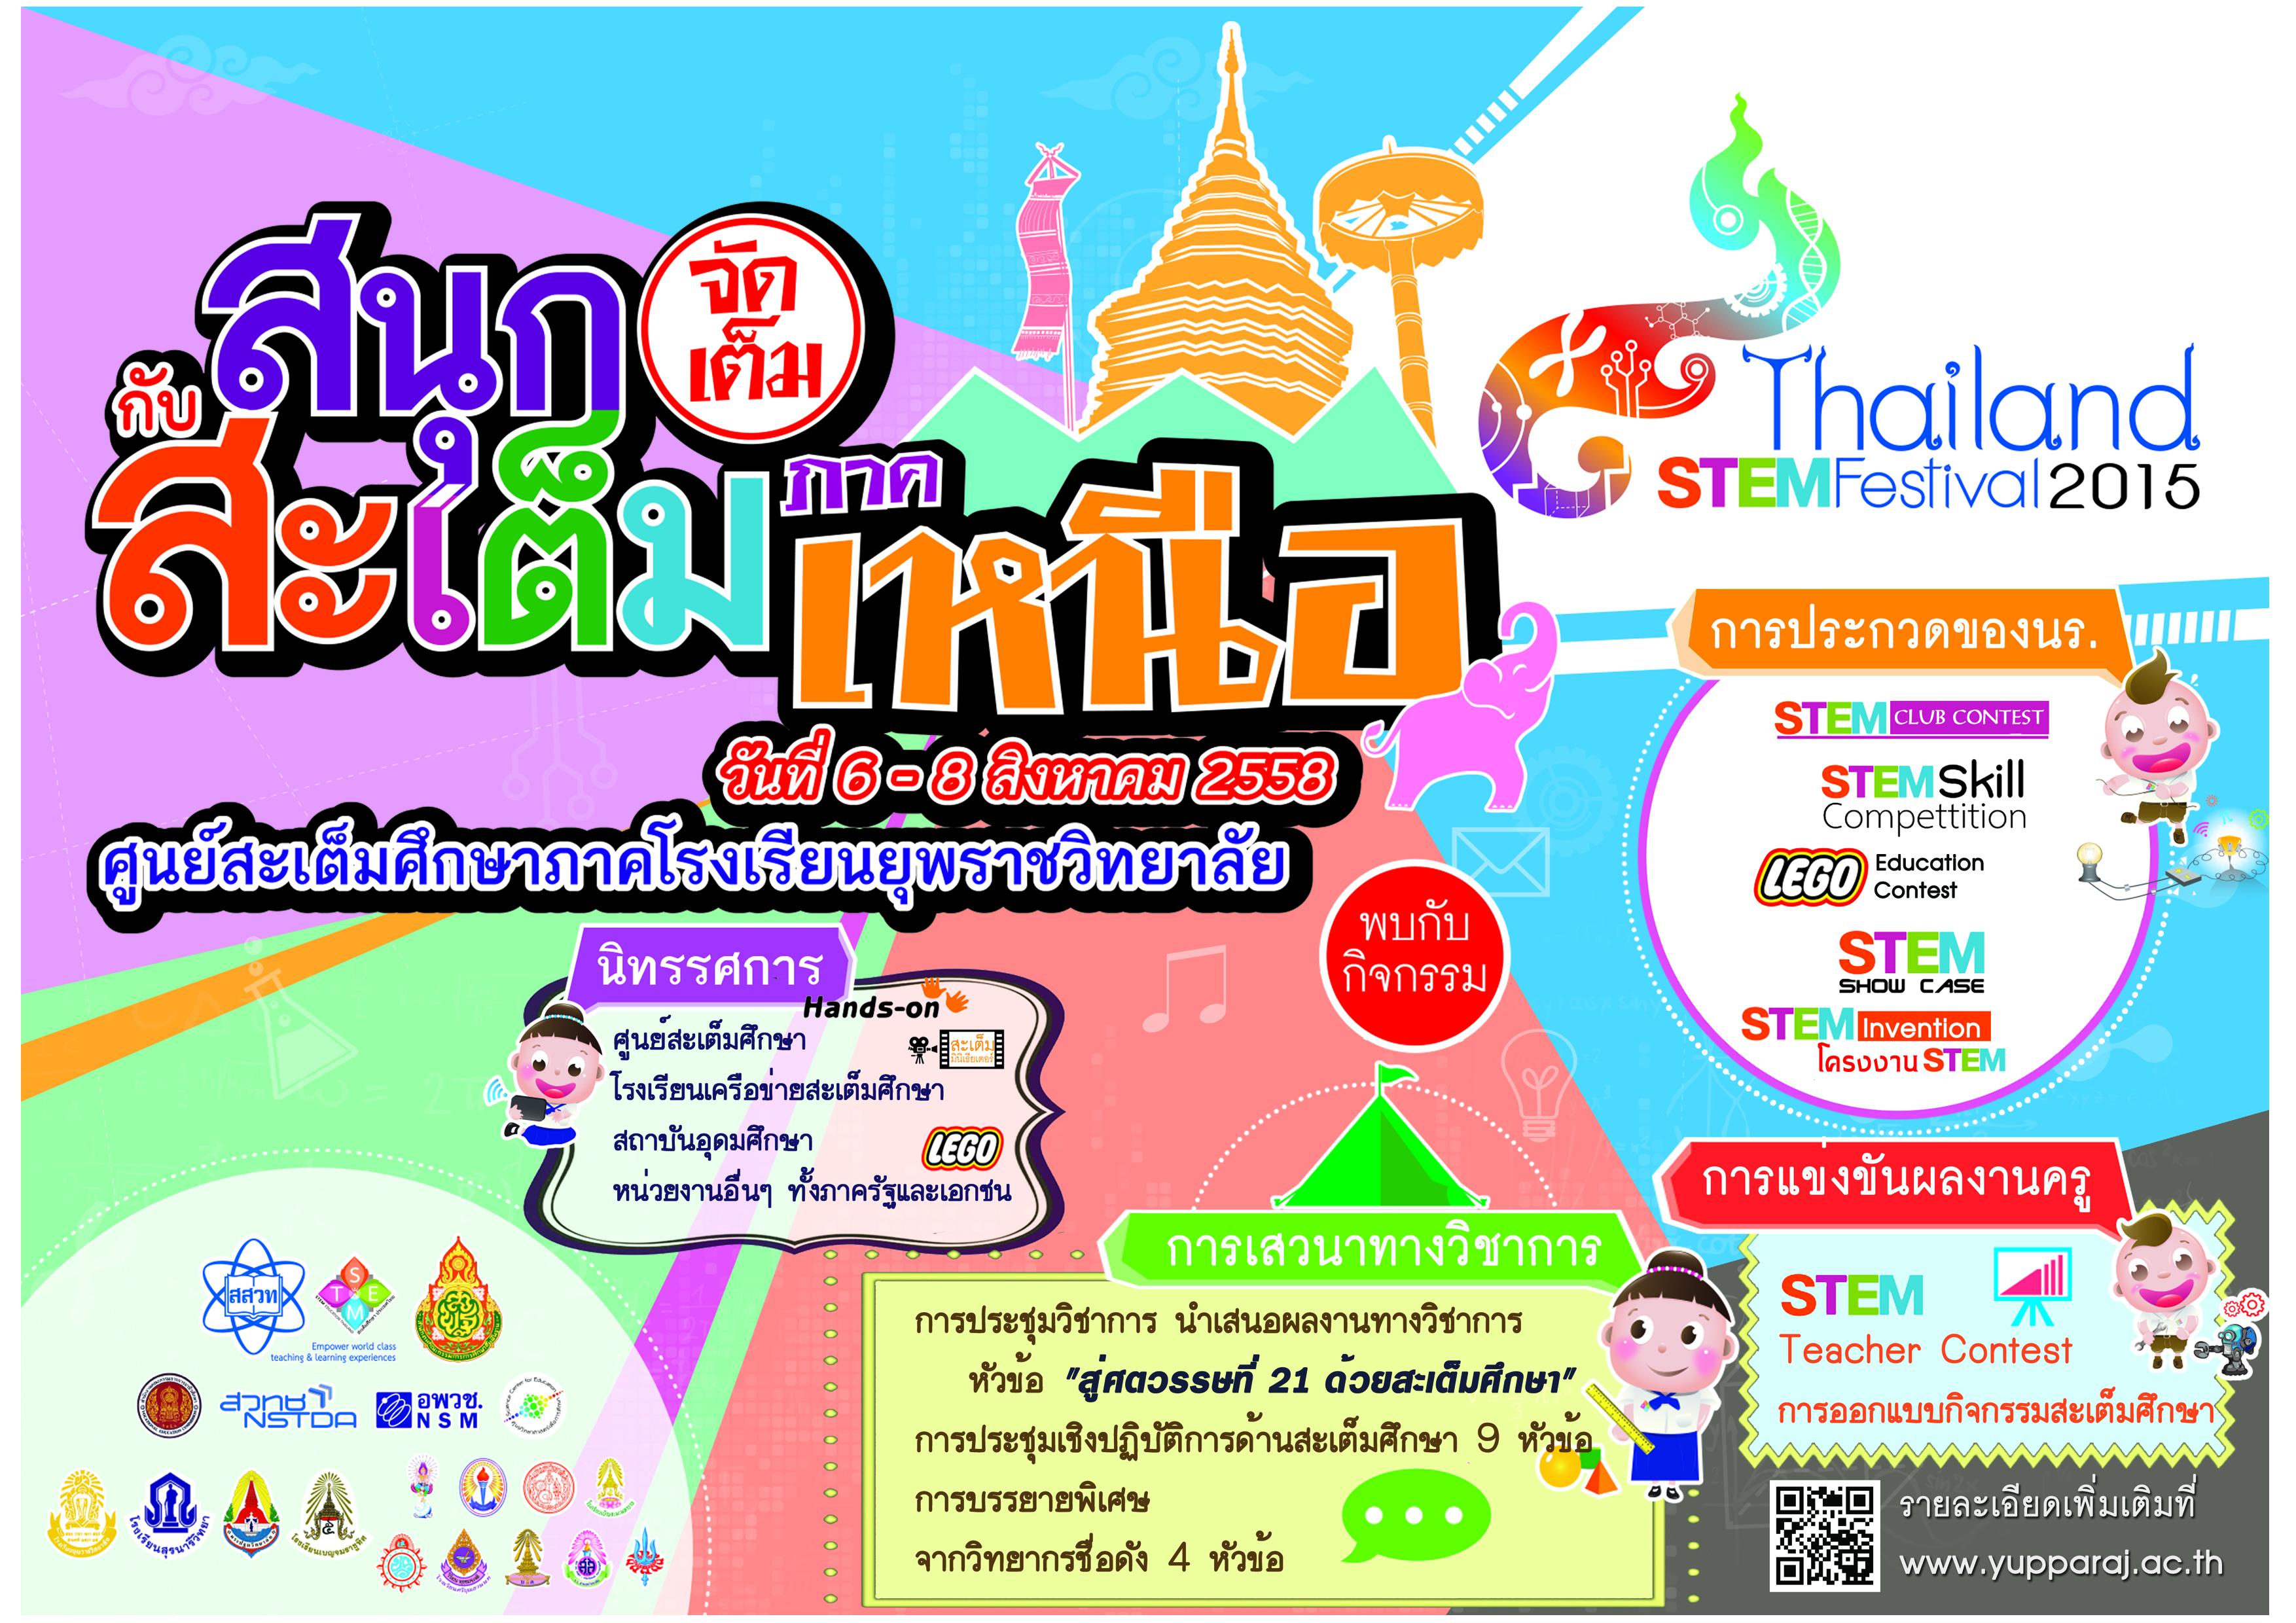 ประชาสัมพันธ์งาน Thailand STEM Festival 2015 ภาคเหนือ